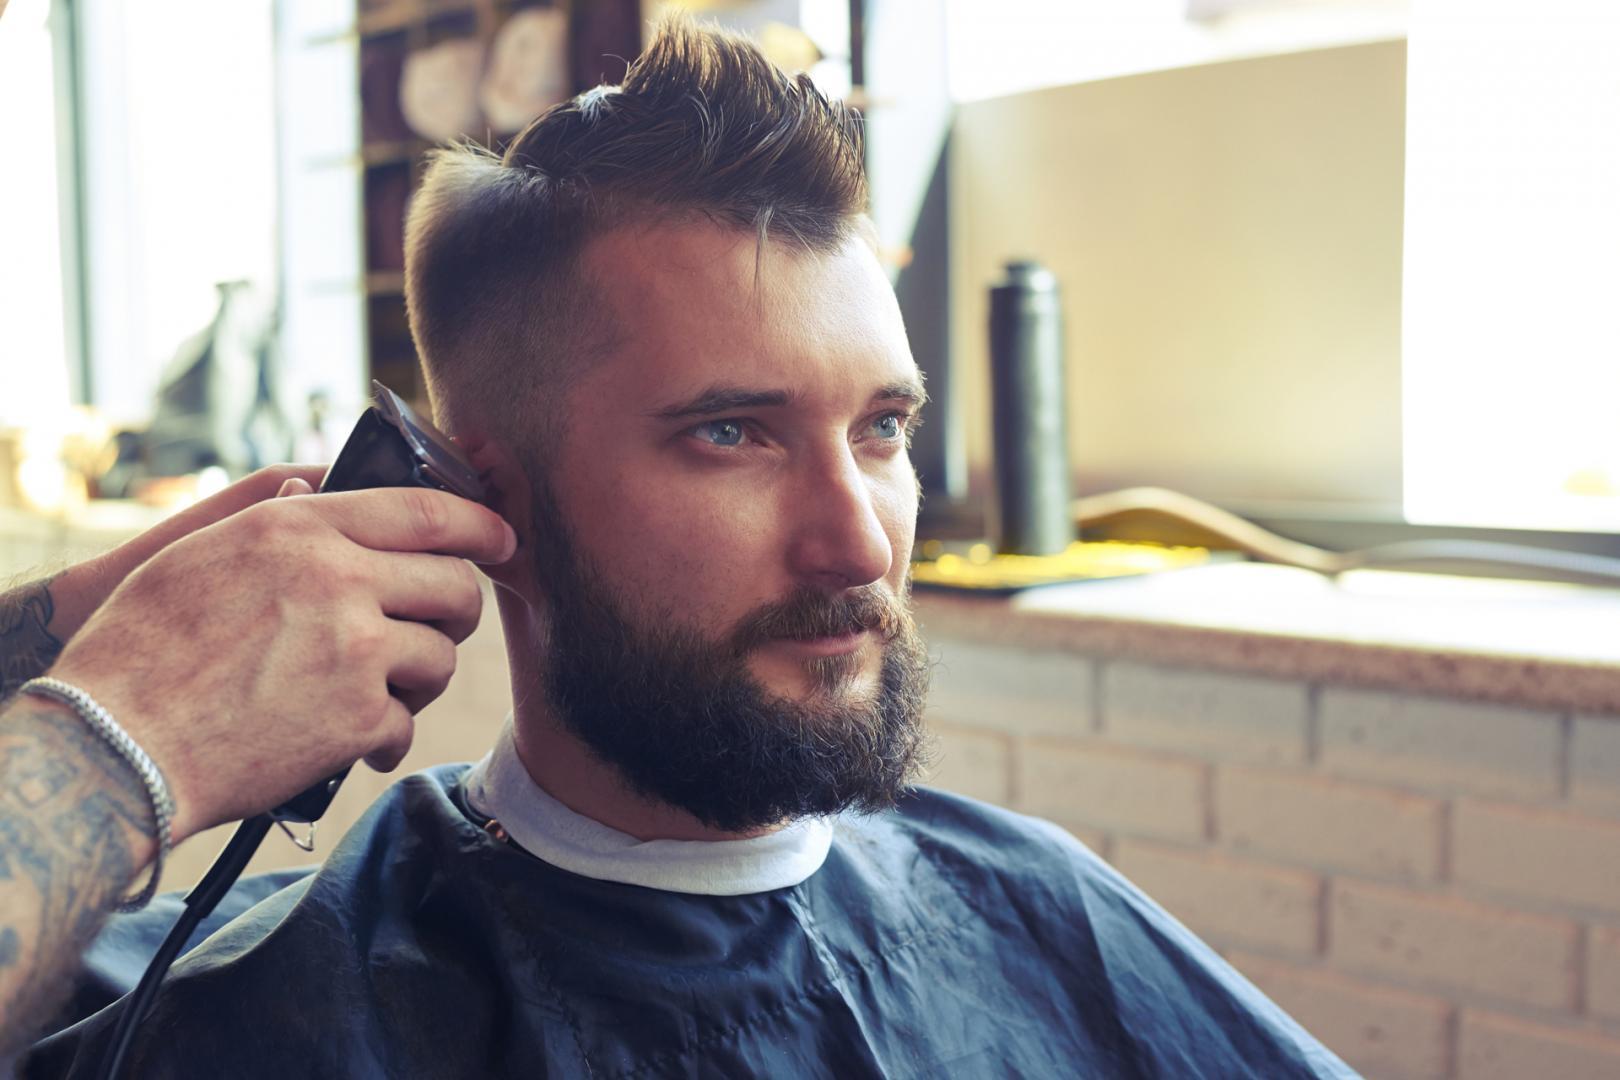 Coiffure pour homme sainte foy sillery cap rouge ville de qu bec lieu3 salon michel - Salon de coiffure place ste foy ...